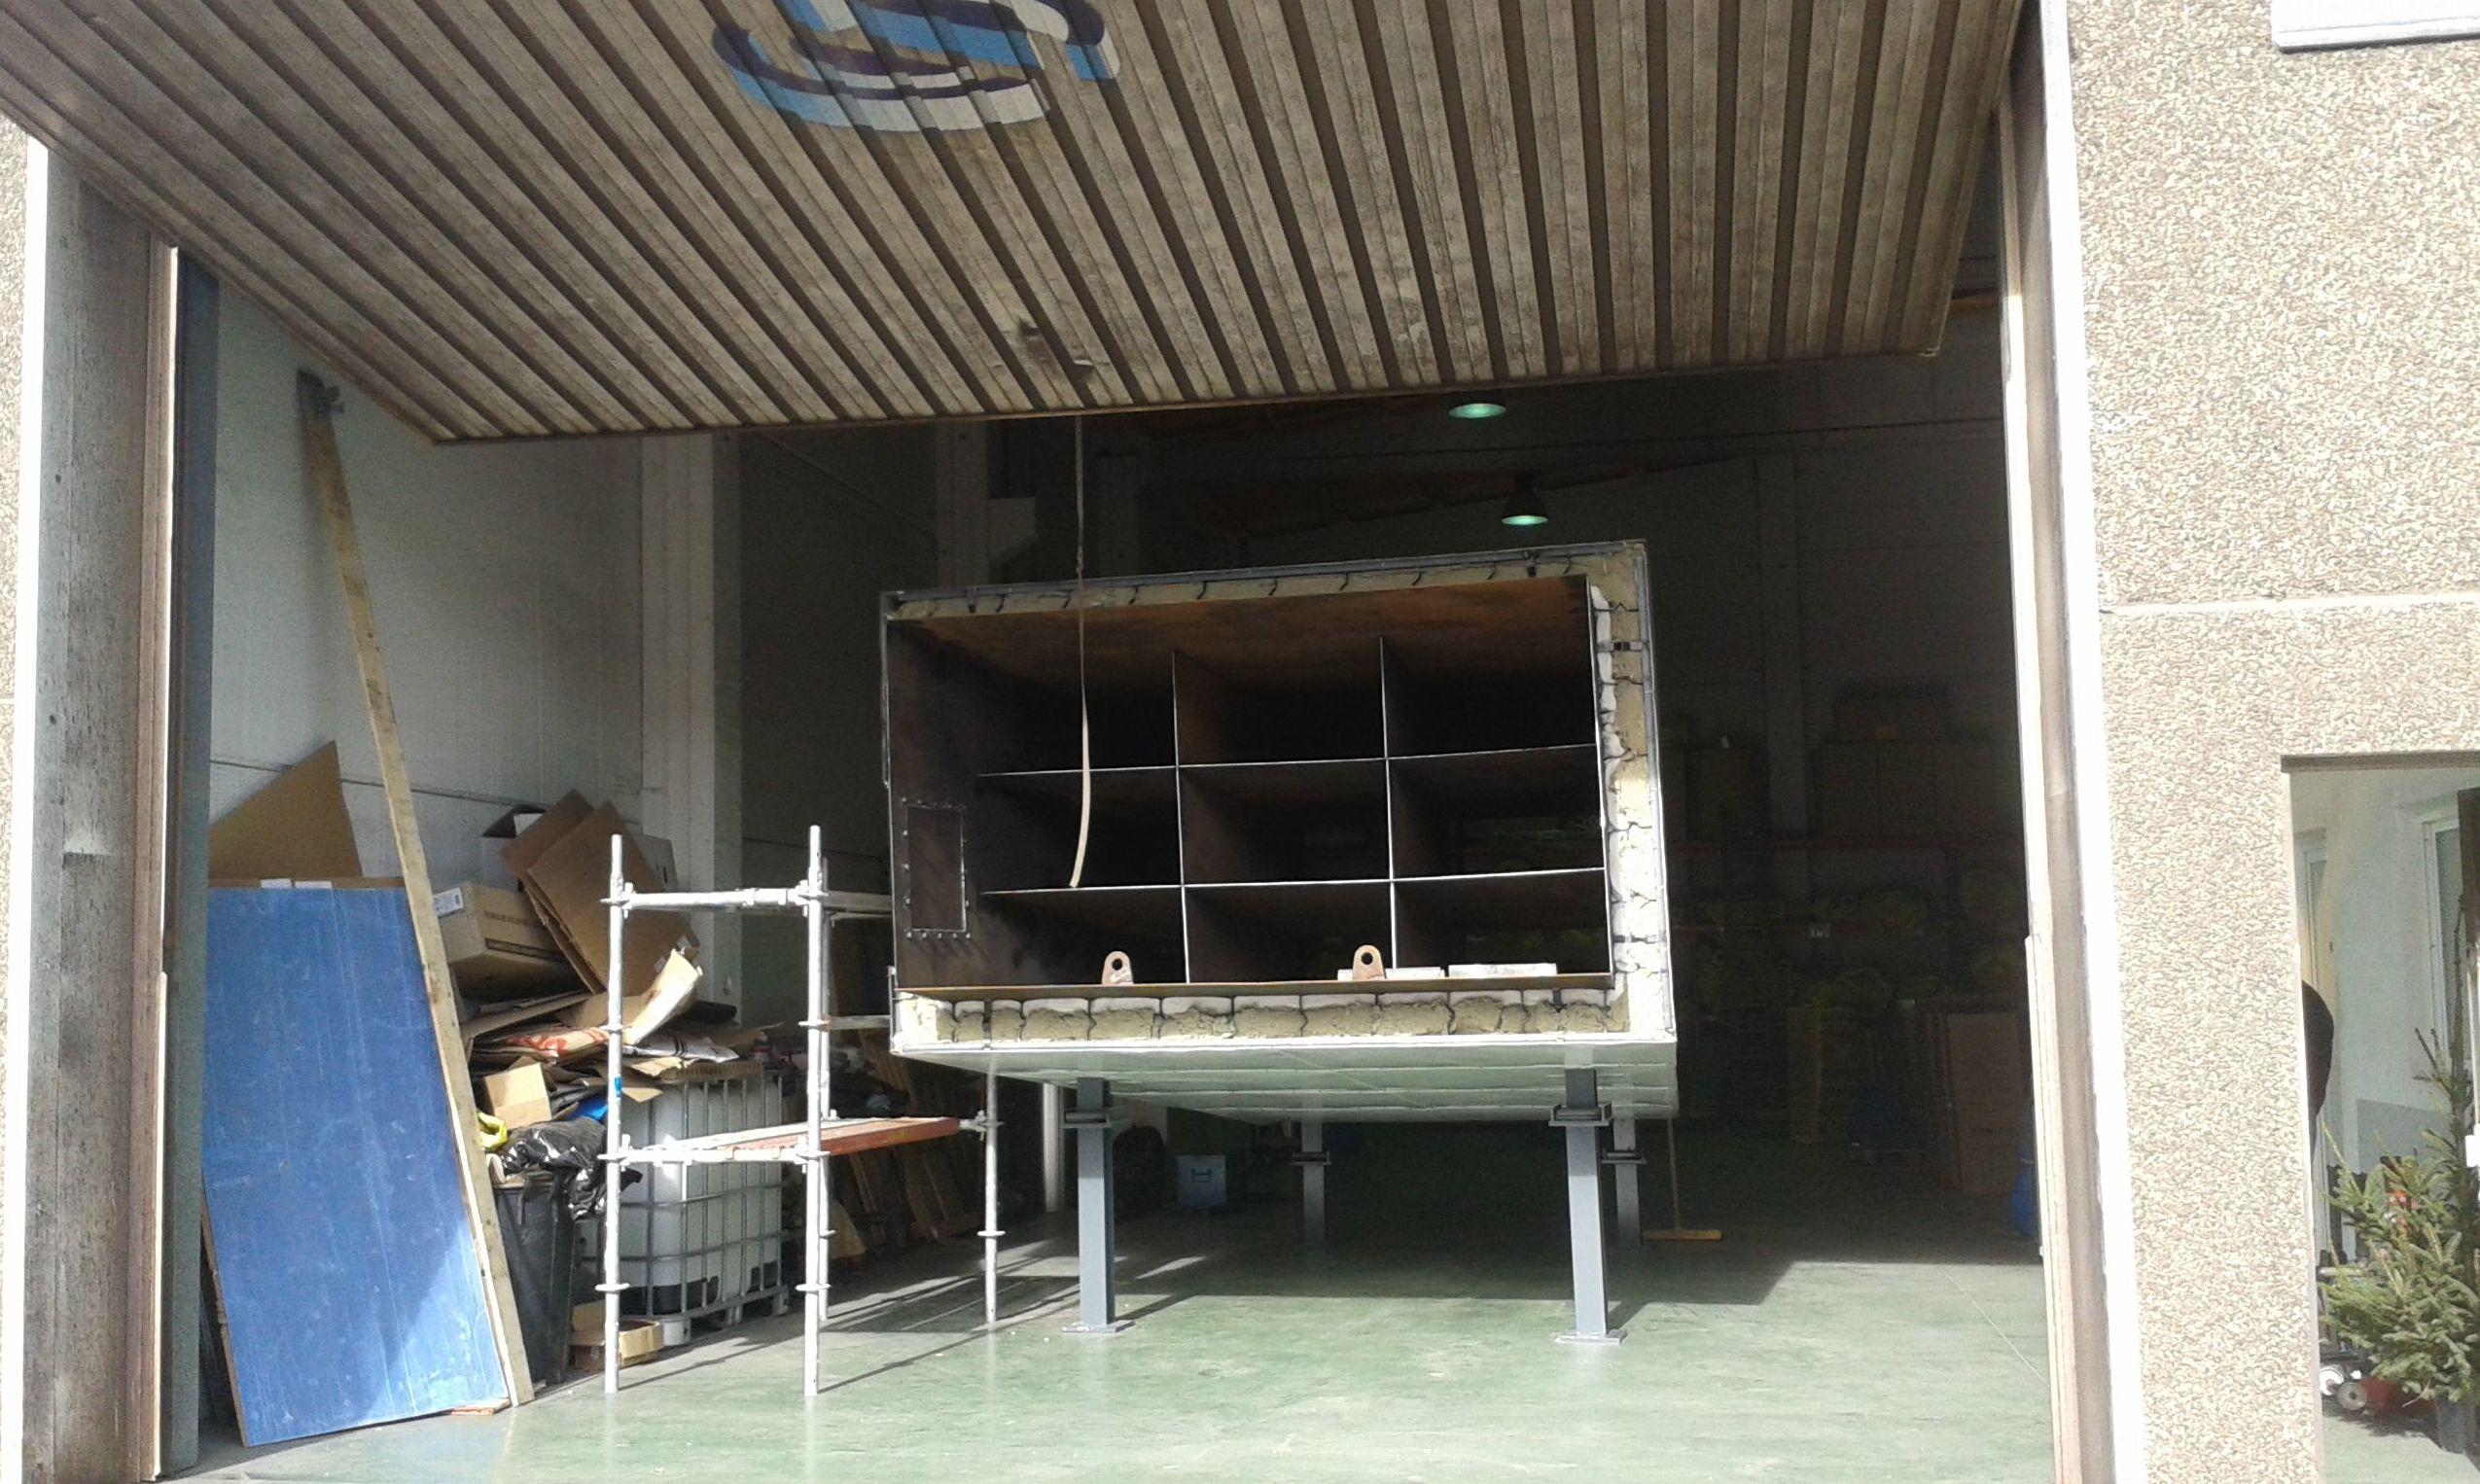 Foto 9 de Aislamientos acústicos y térmicos en Monzón   Aislamientos Visalca